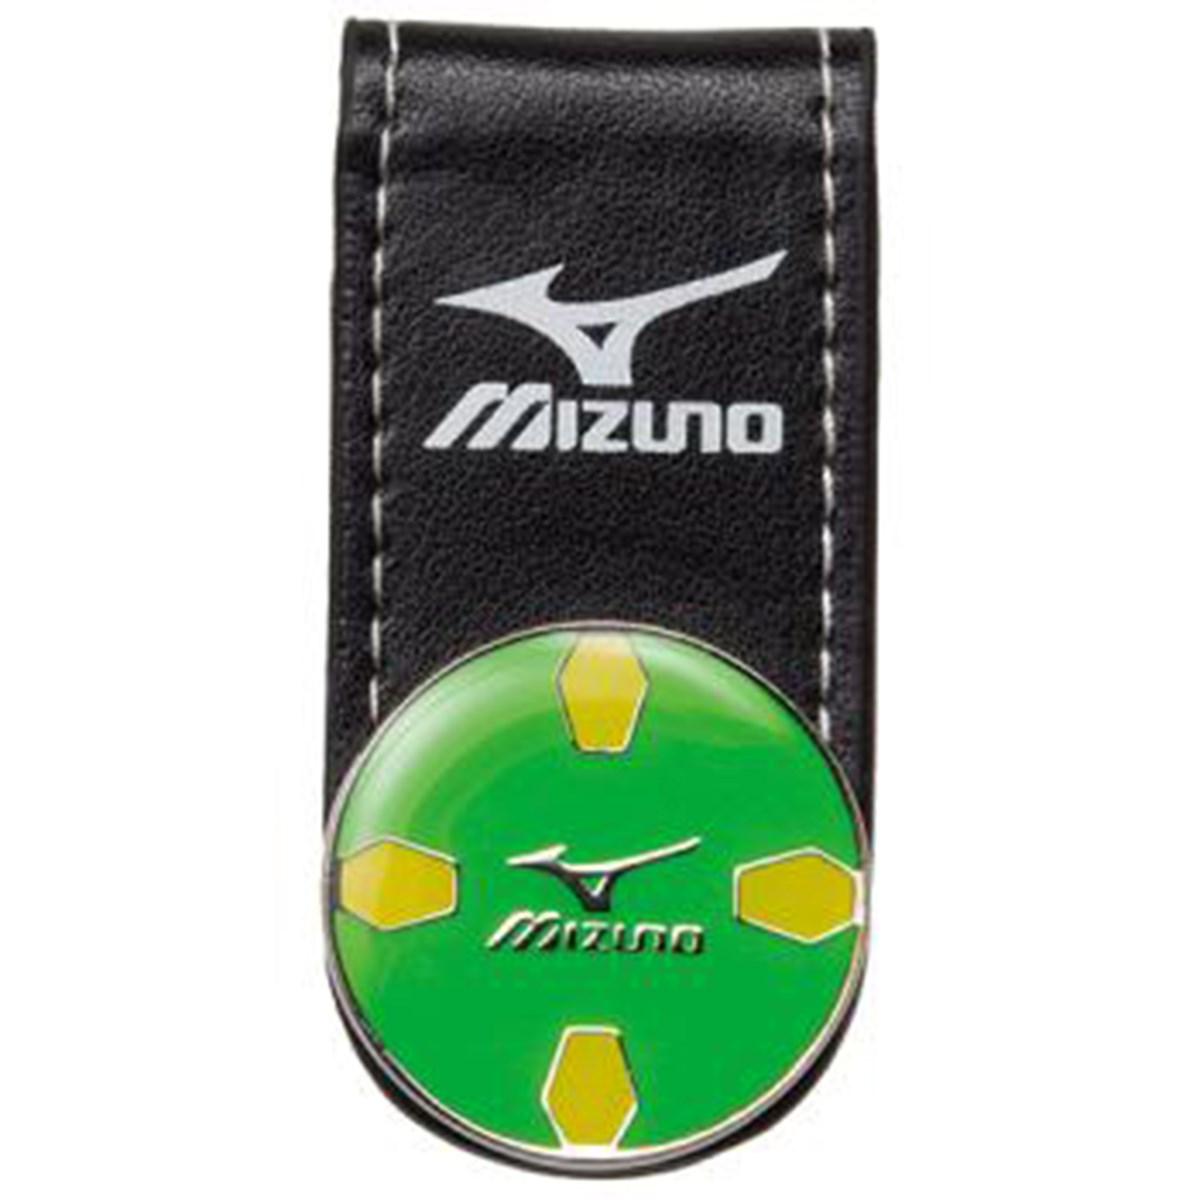 ミズノ(MIZUNO) パークゴルフ マーカー